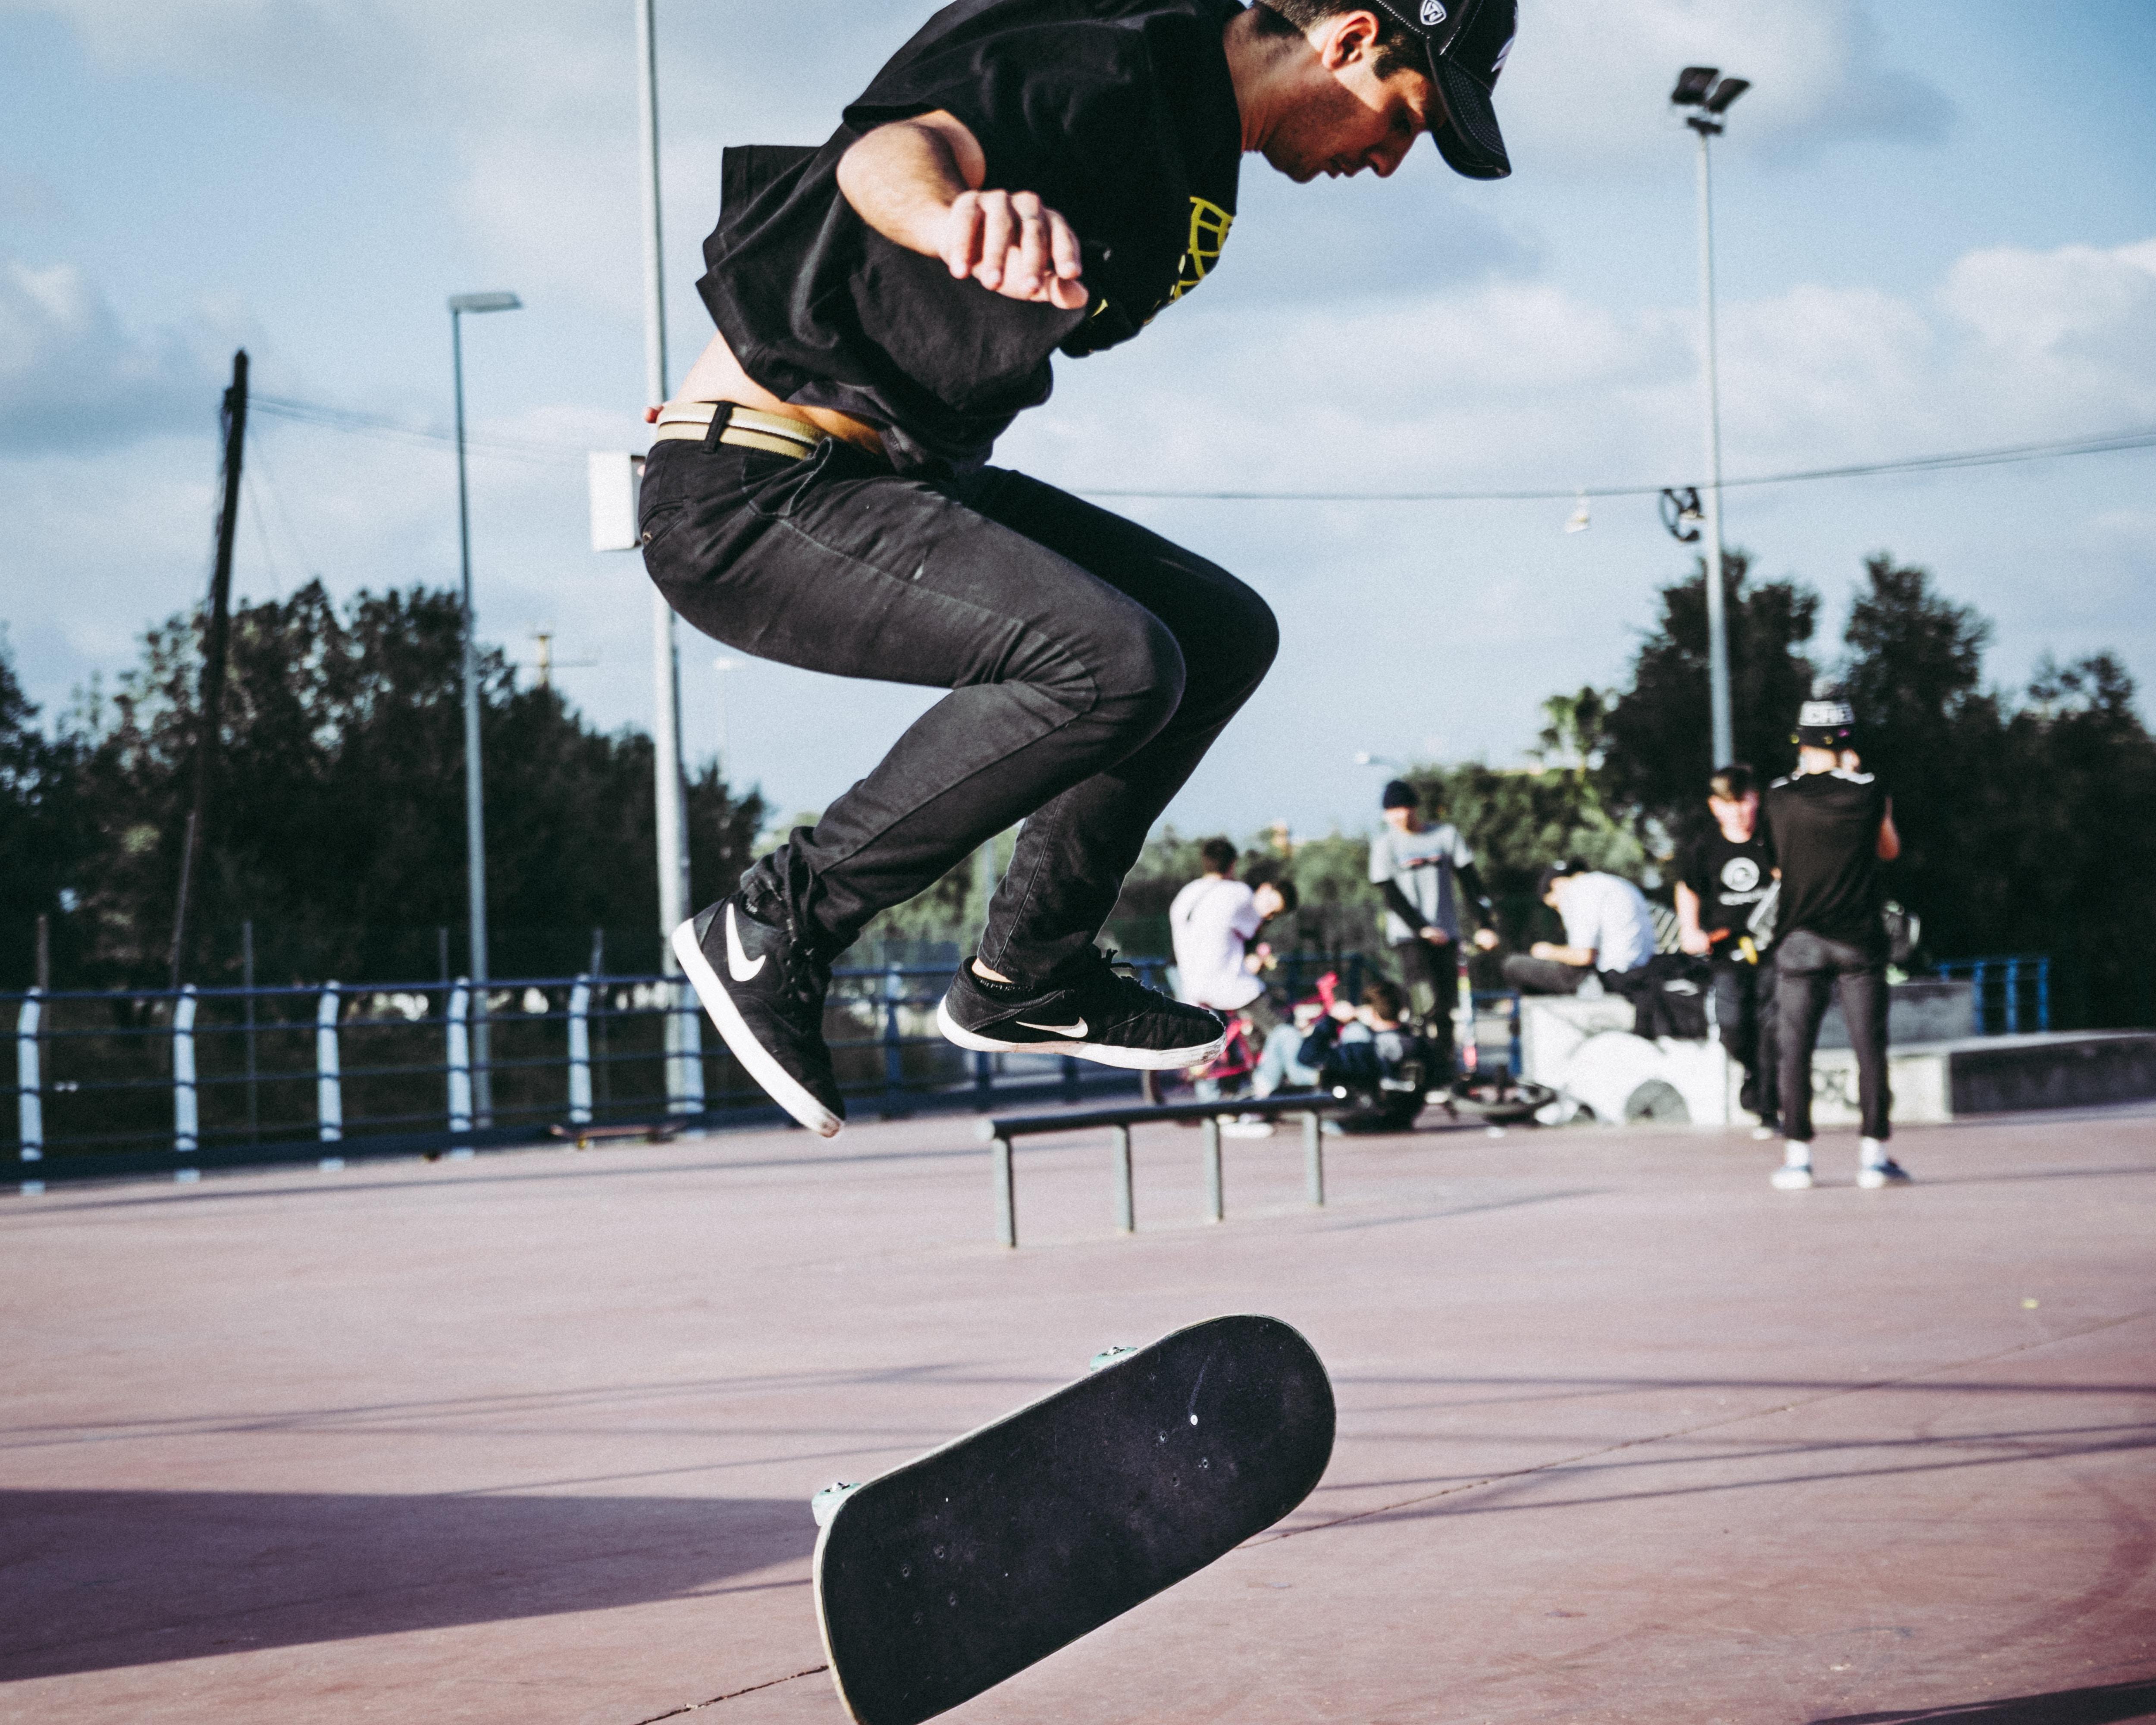 skateboarding man during daytime